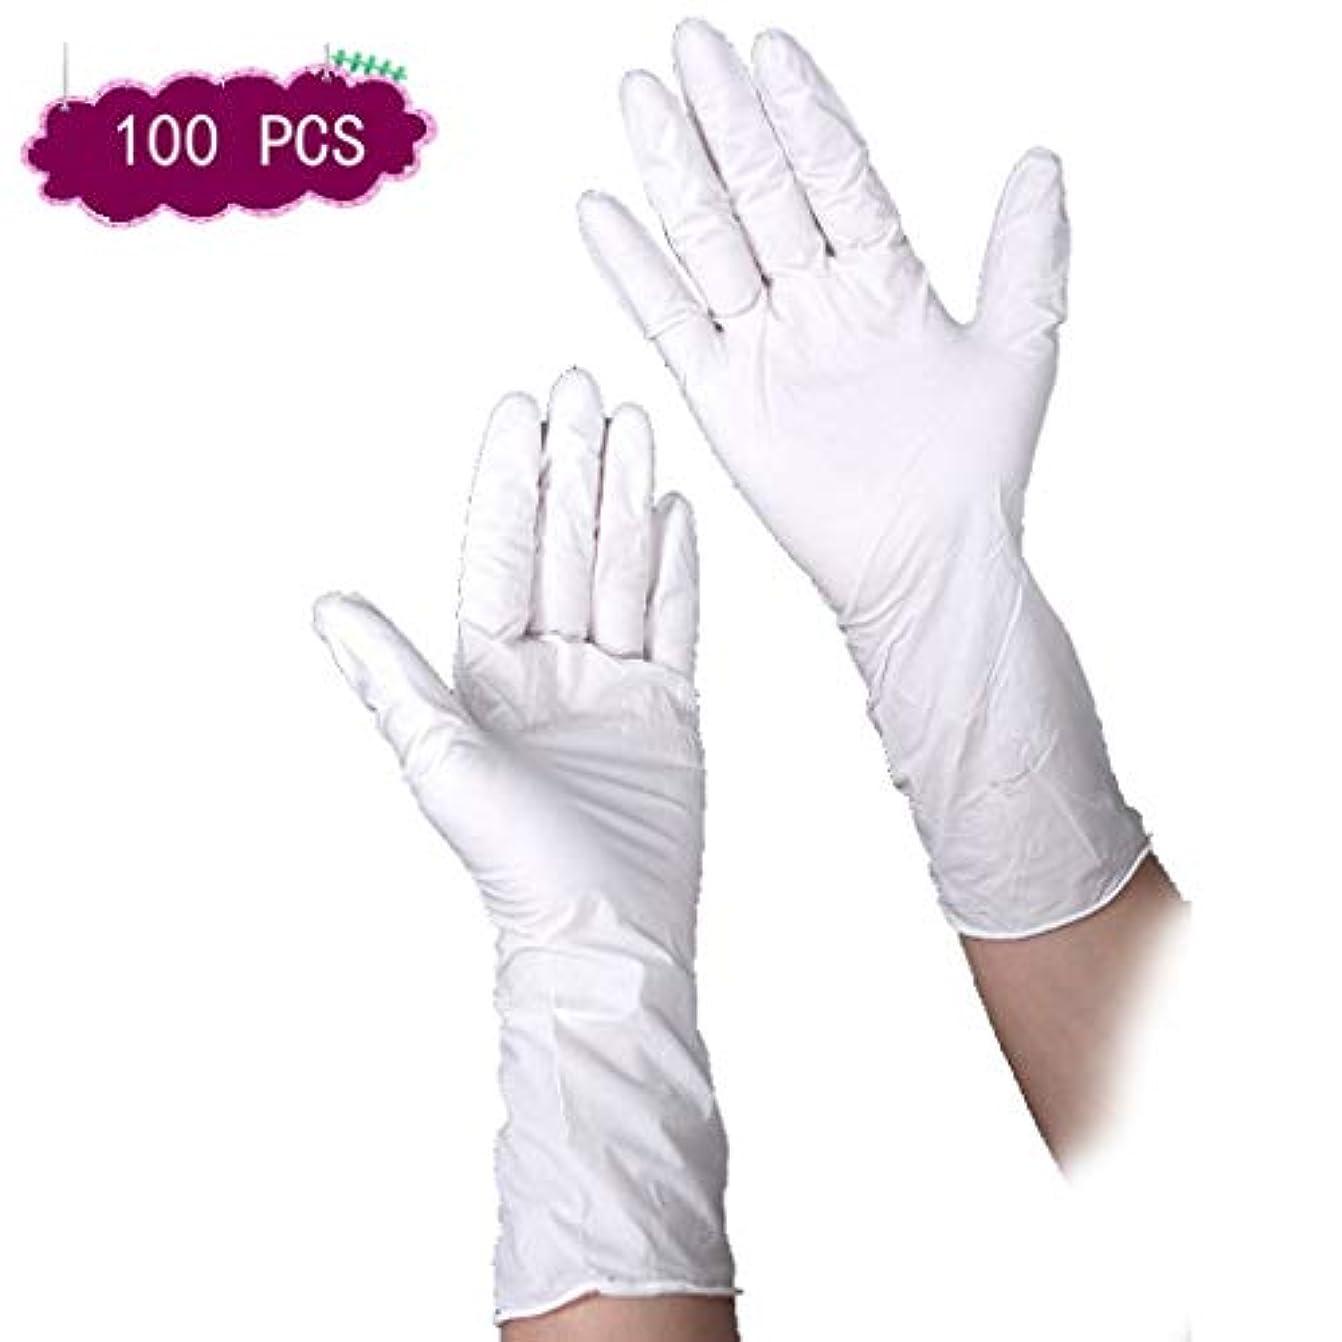 スペイン作る市長使い捨てラテックス手袋ニトリルクリーンルームノンスリップ耐摩耗性に浸漬ゴム手袋アンチオイルタトゥー (Color : 9 inch, Size : M)